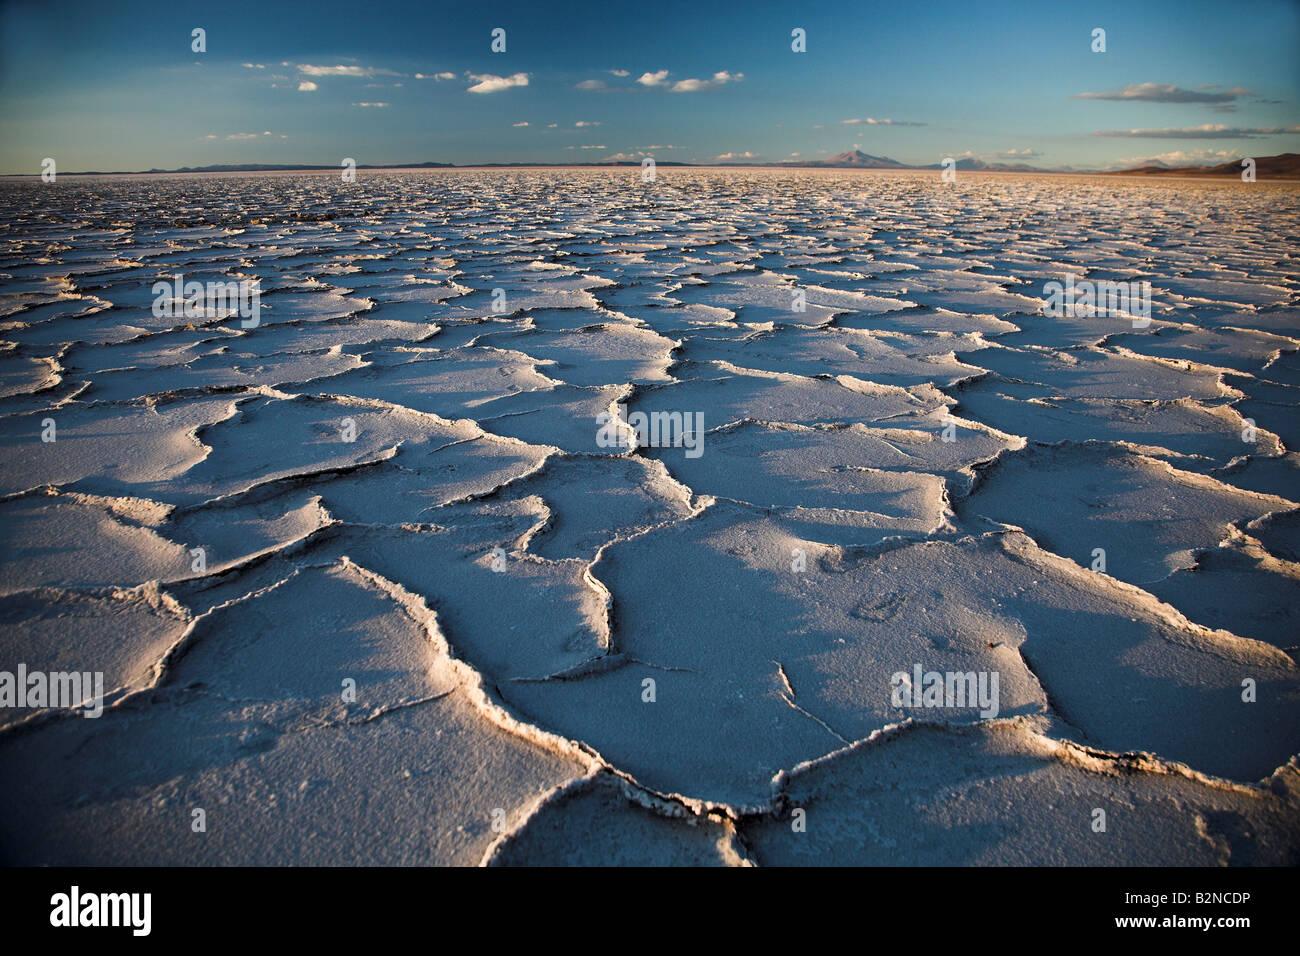 Grietas en la superficie de la tierra amanecer en el Salar de Uyuni en Bolivia. Imagen De Stock